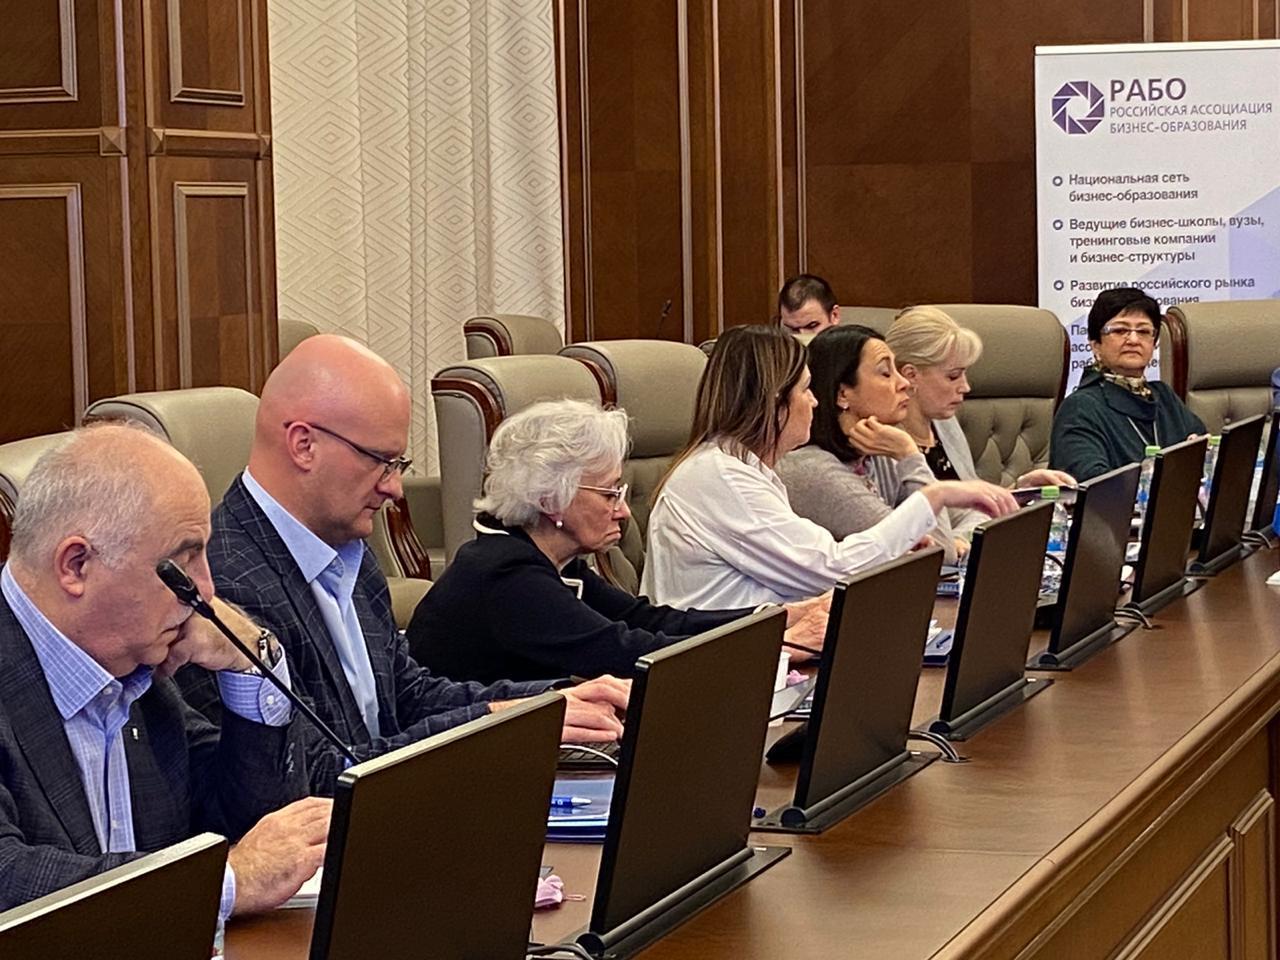 Заседание совета РАБО-2020 фото 8